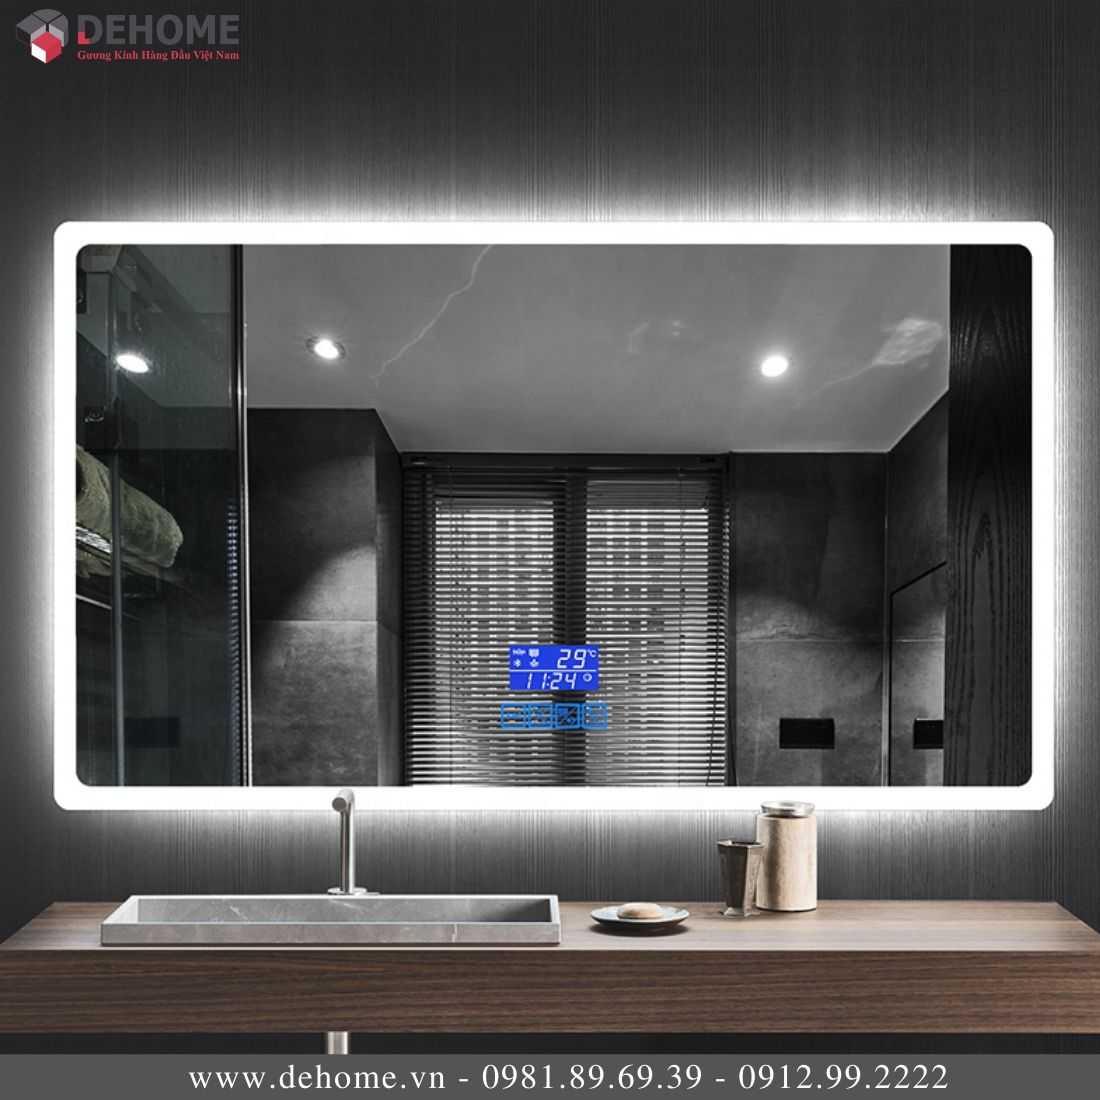 Gương Có Đèn Led Phòng Tắm Cao Cấp Dehome TM103